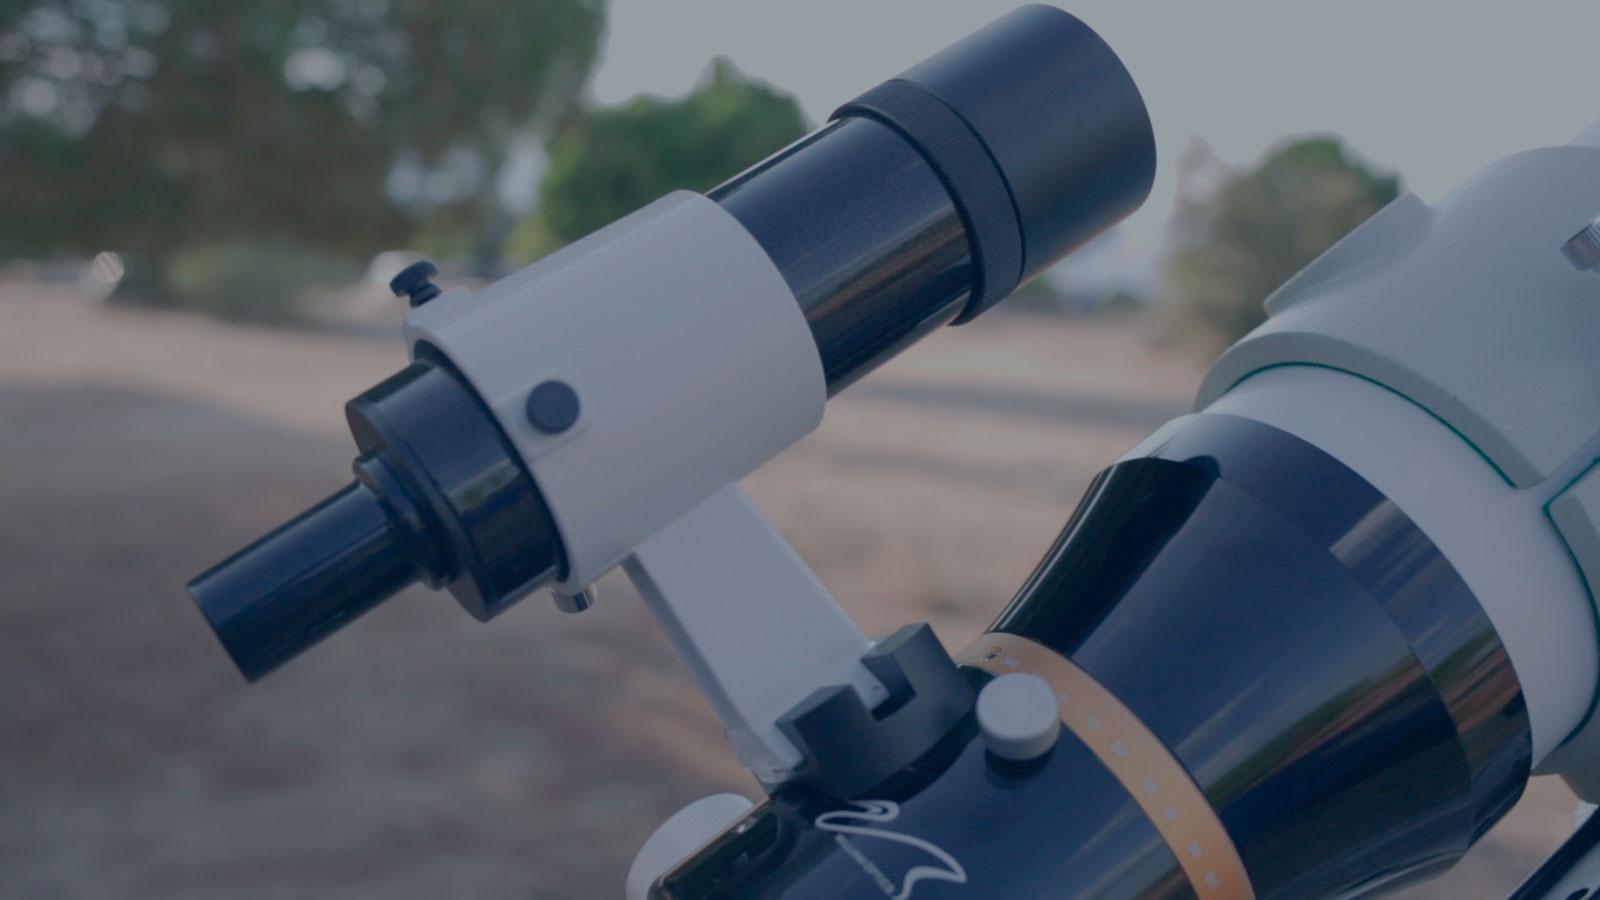 Como Alinear el Buscador del Telescopio